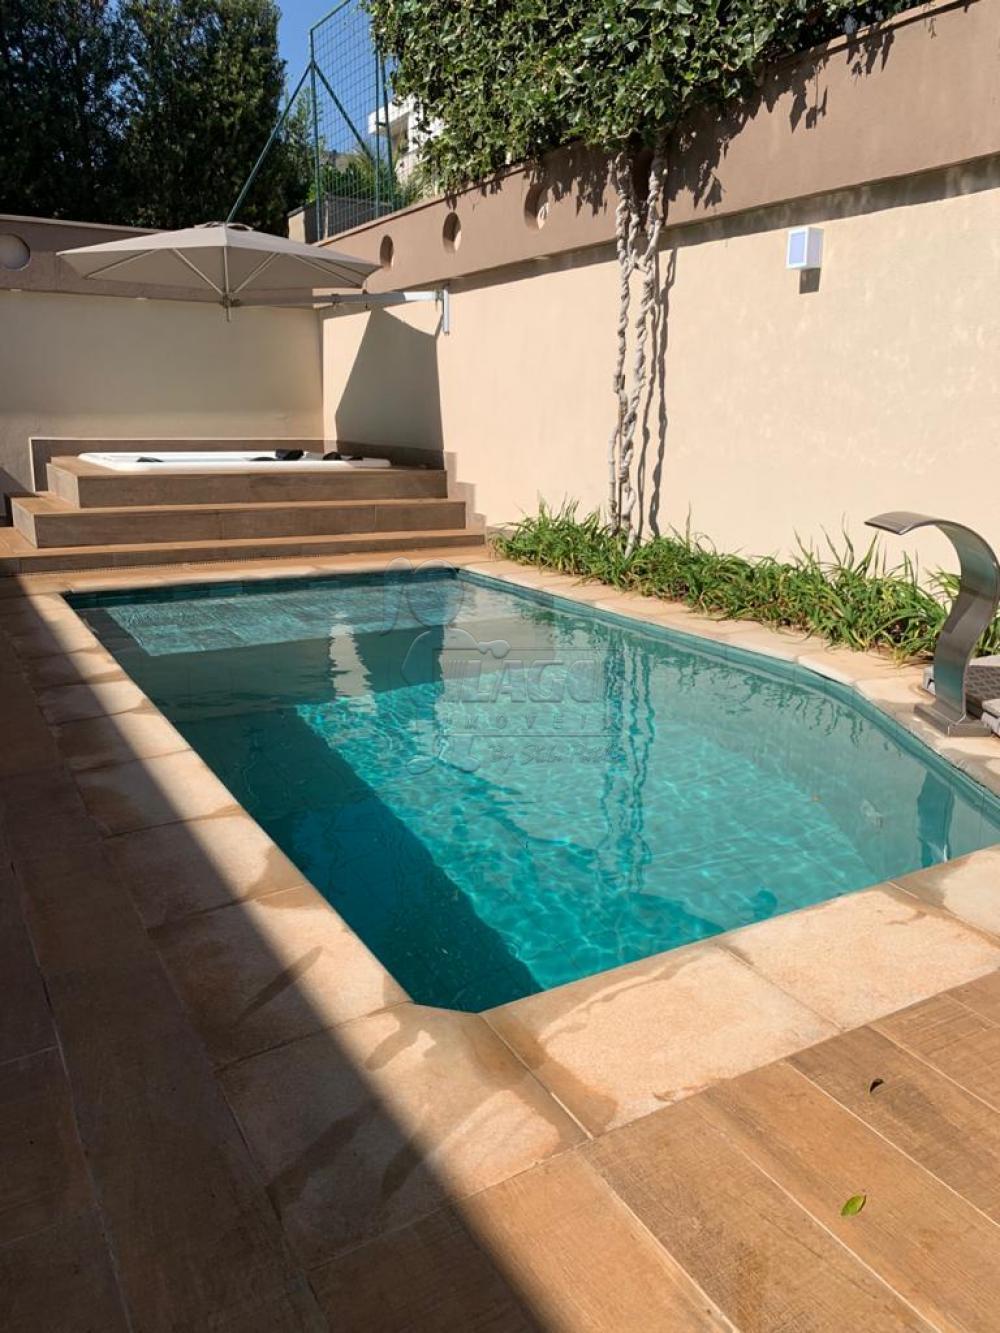 Comprar Casas / Condomínio em Ribeirão Preto R$ 1.890.000,00 - Foto 12